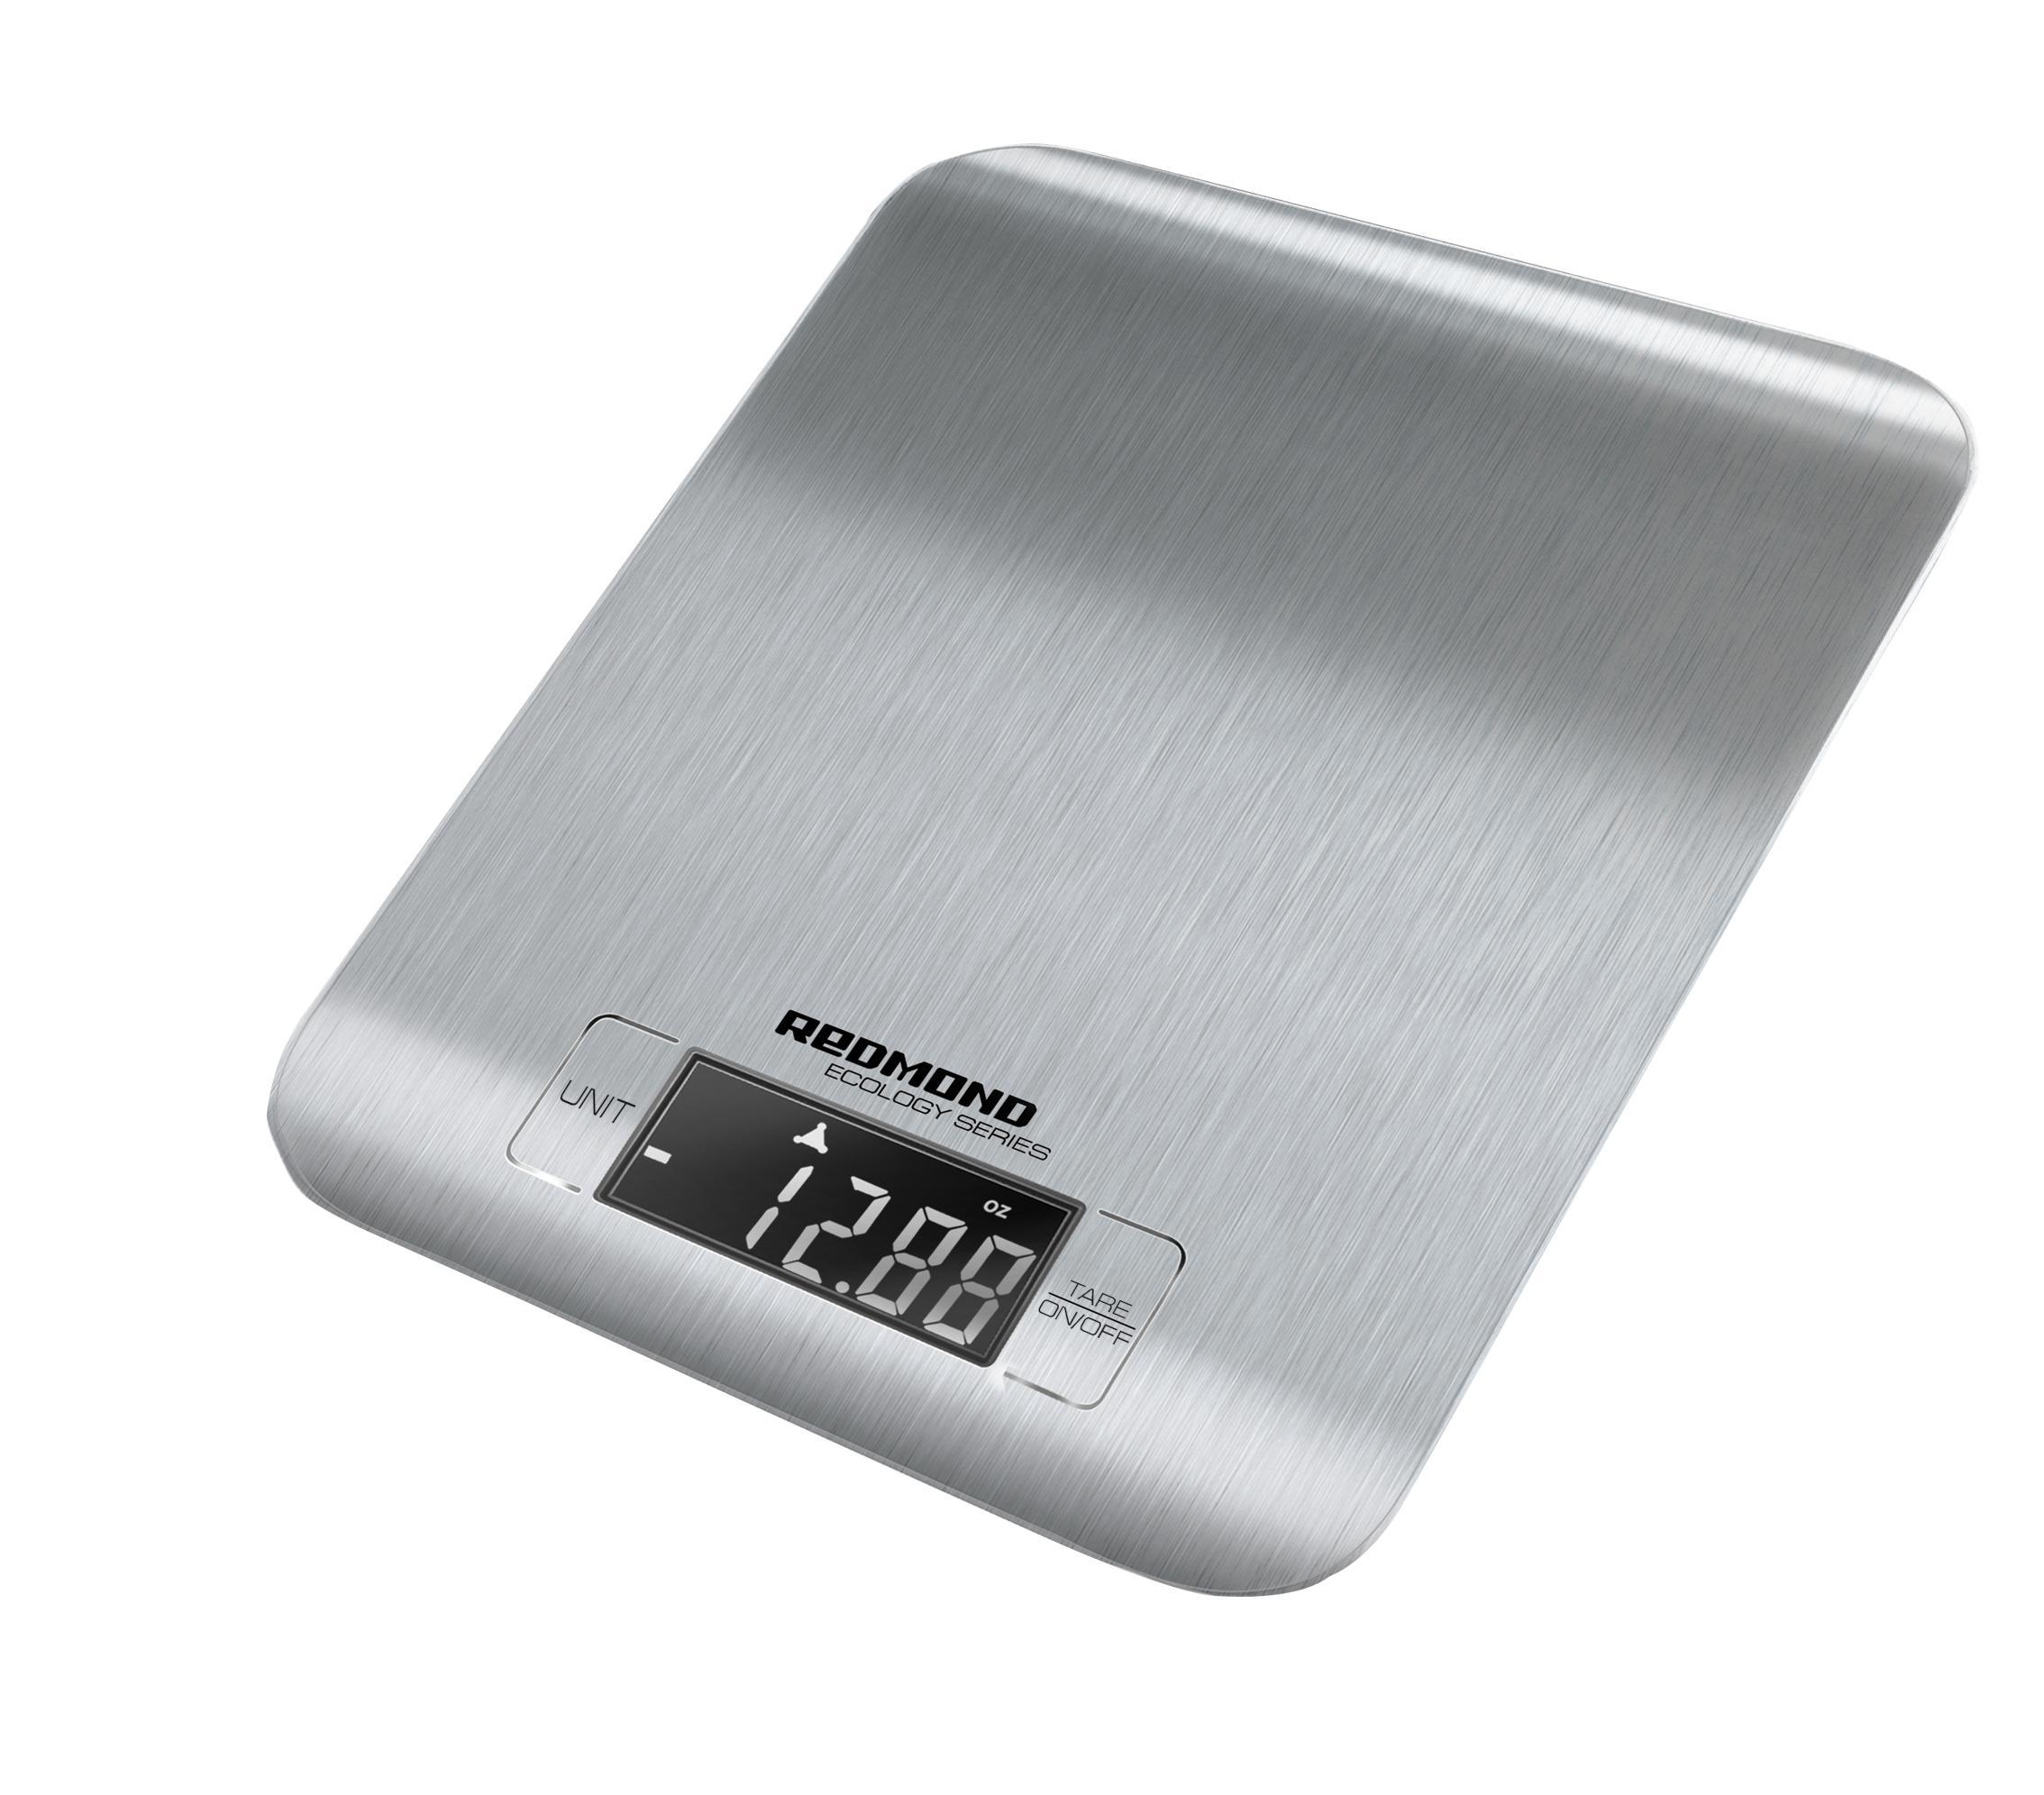 Весы Redmond